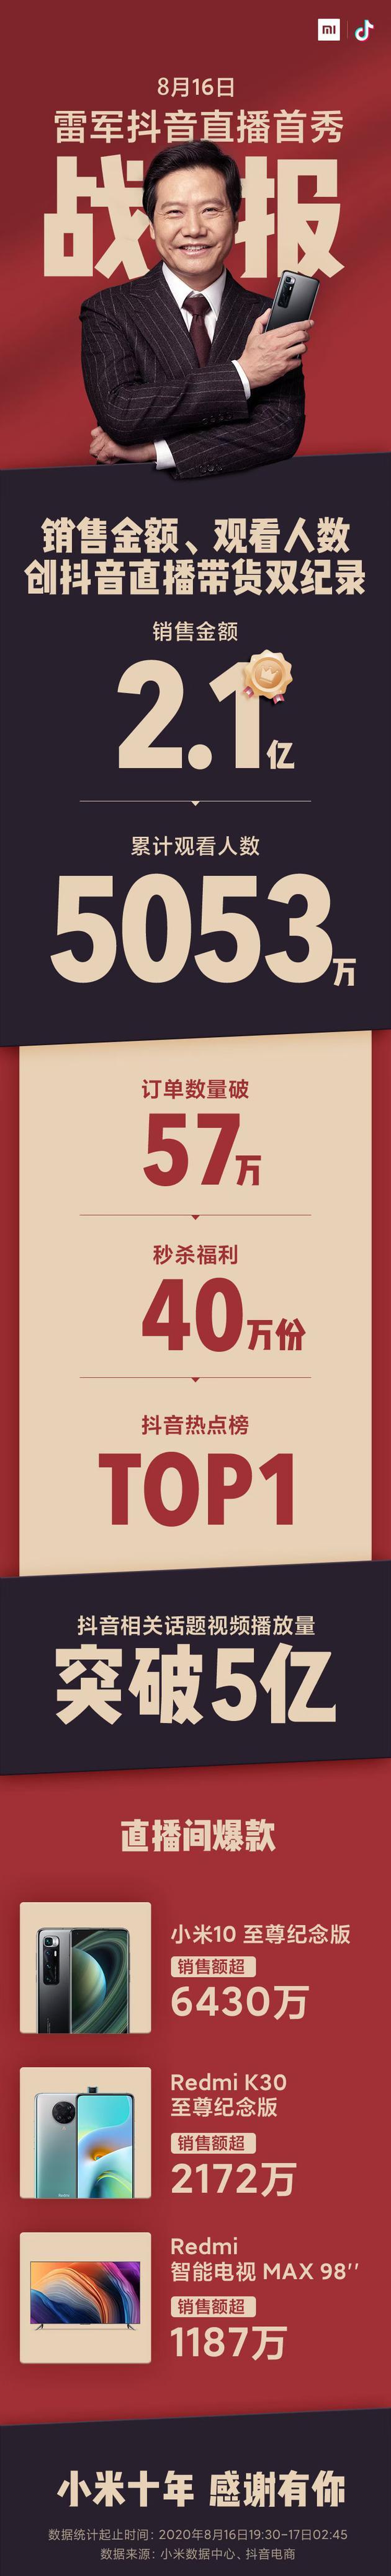 雷军晒直播带货总战报:观看人数5053万 销售金额2.1亿